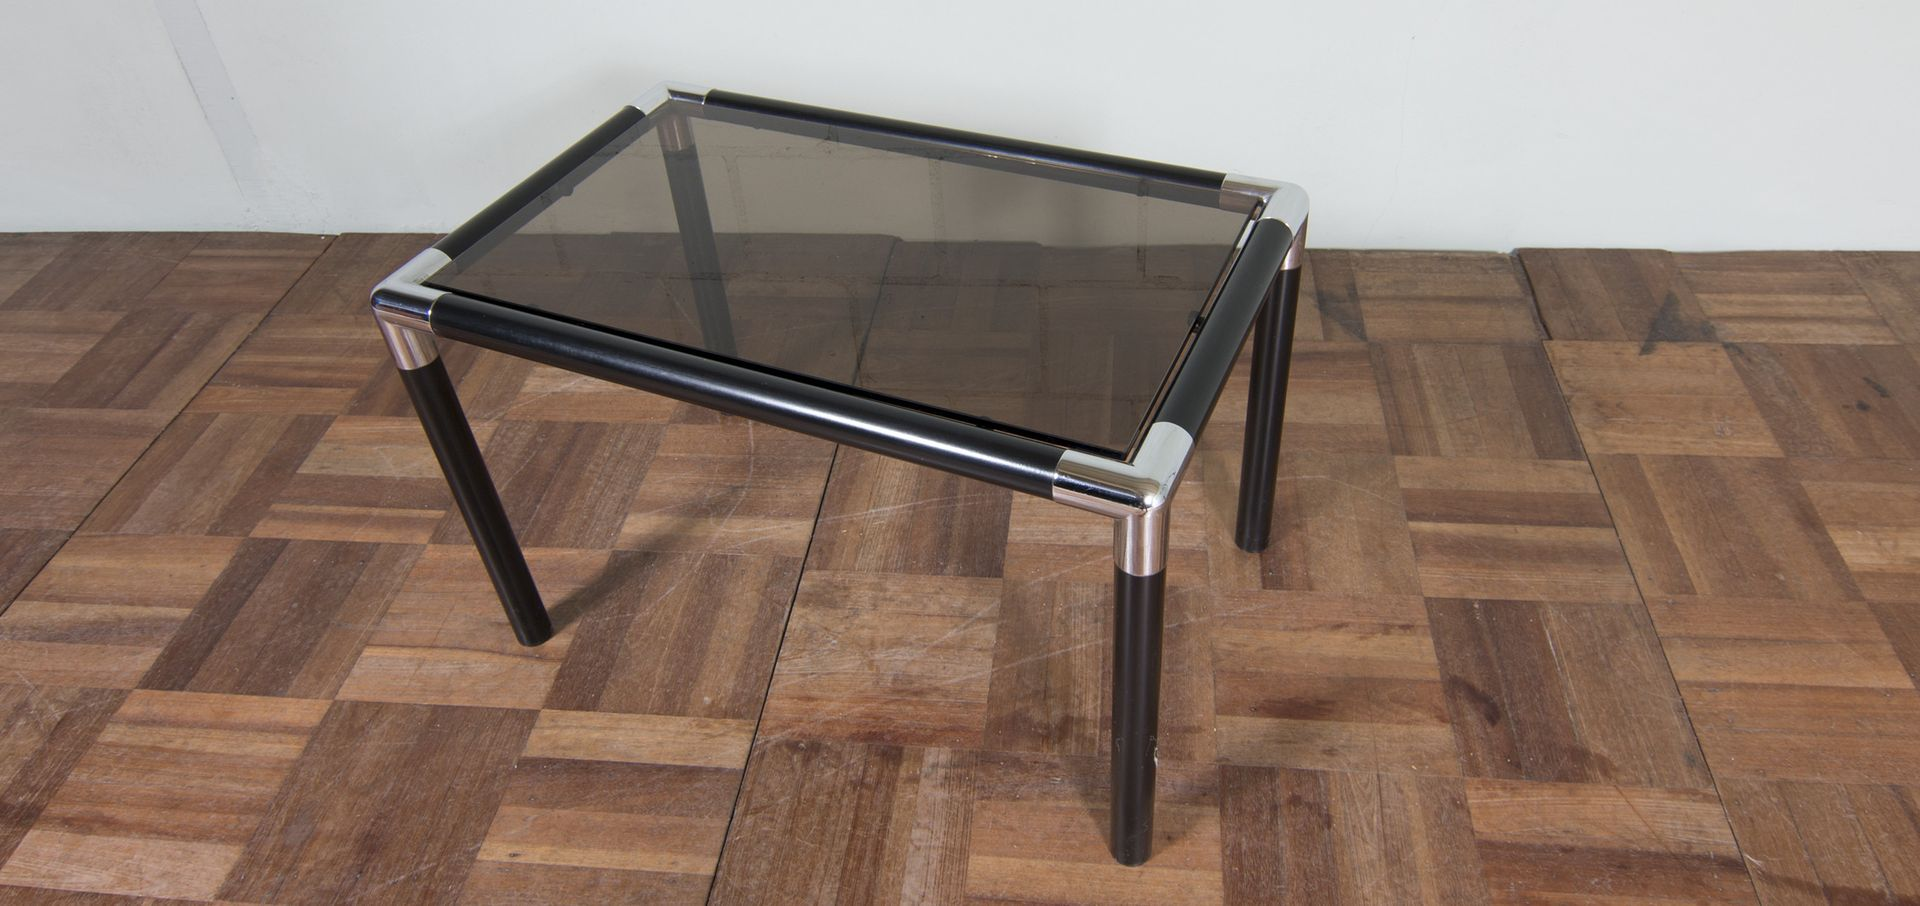 vintage beistelltisch aus verchromtem stahl rauchglas. Black Bedroom Furniture Sets. Home Design Ideas